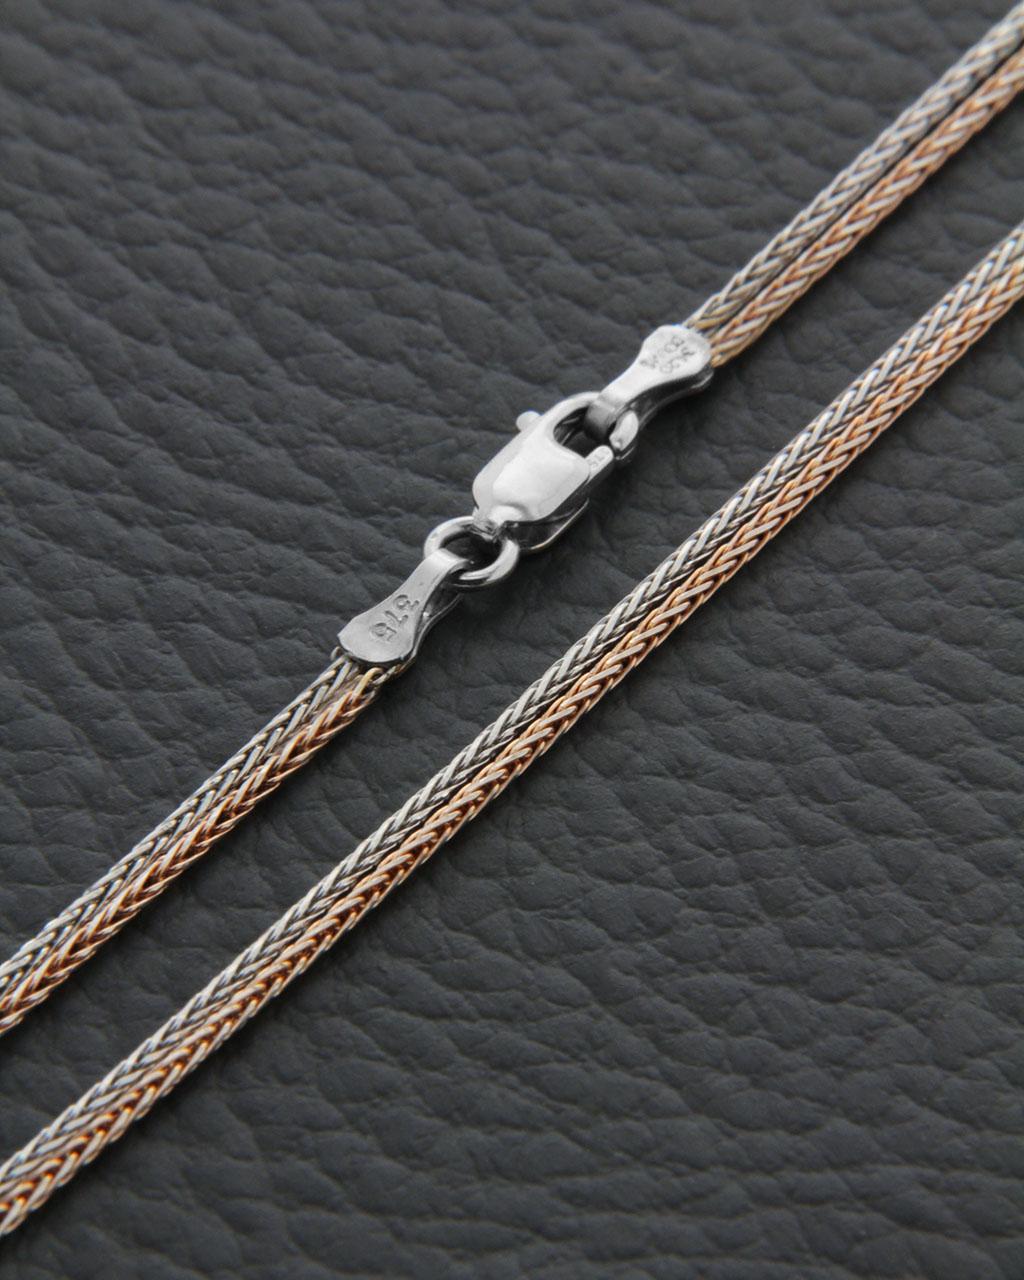 Αλυσίδα λαιμού ροζ χρυσή & λευκόχρυση Κ14 45cm   παιδι αλυσίδες λαιμού αλυσίδες δίχρωμες